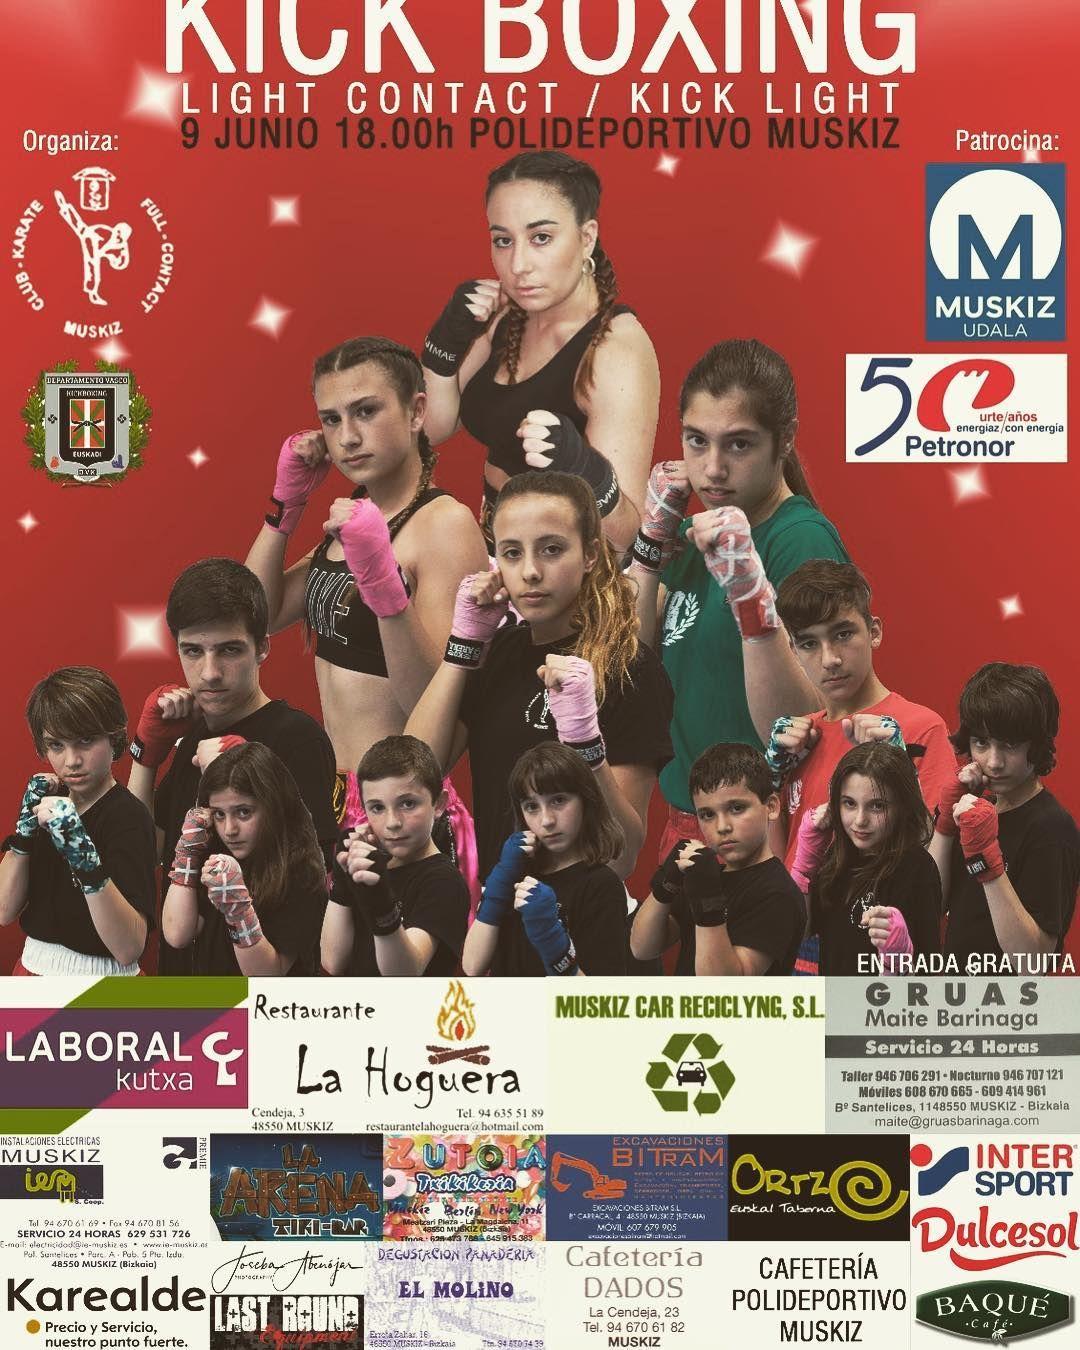 Karealde colaborador de la Velada de Kick Boxing Muskiz